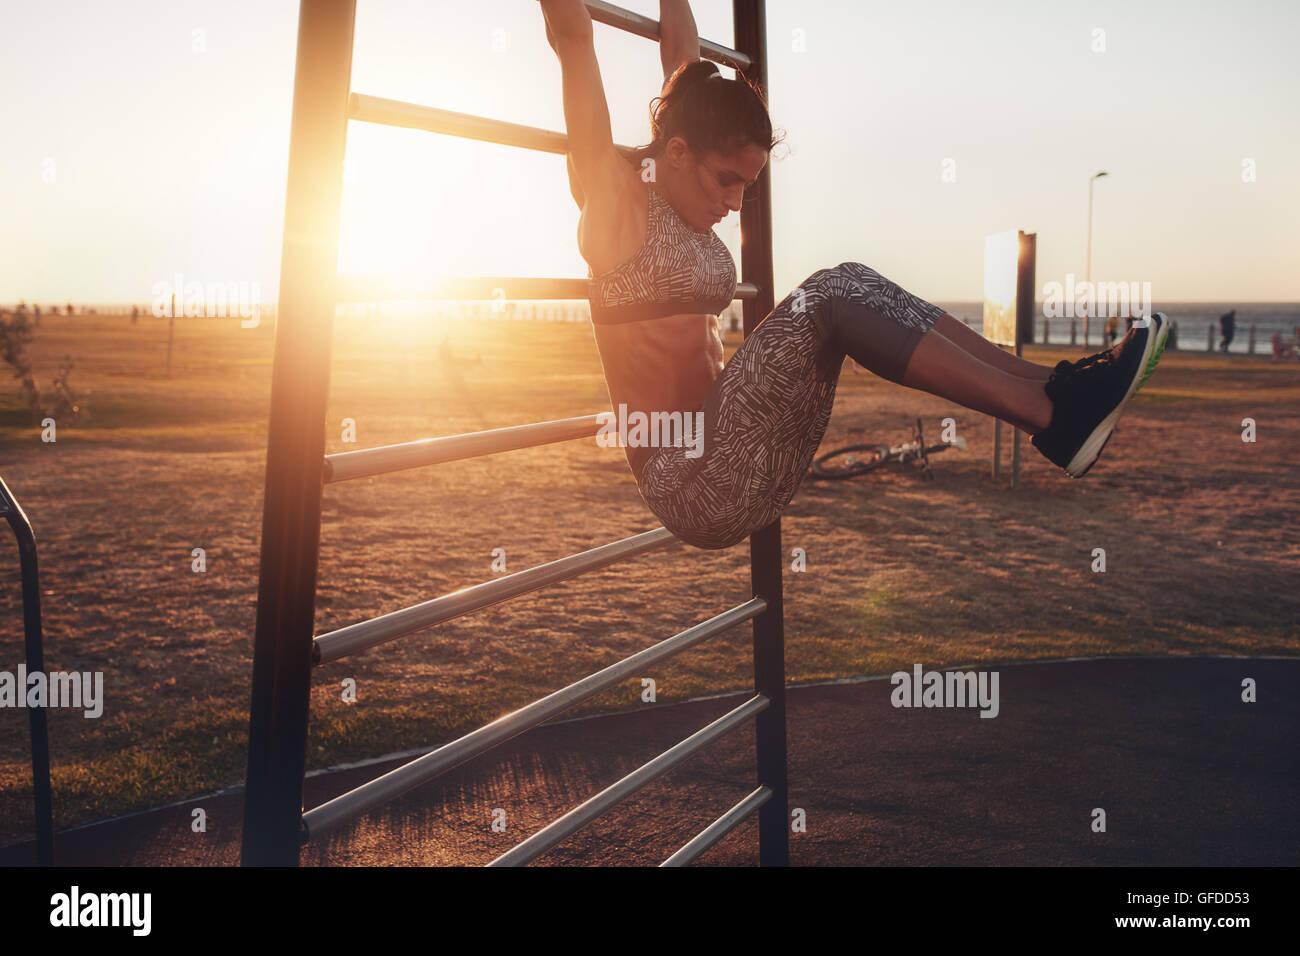 Offenen Schuß wirklich gesund und Fit Frau Durchführung hängende Bein hebt auf outdoor-Fitness-Station Stockbild